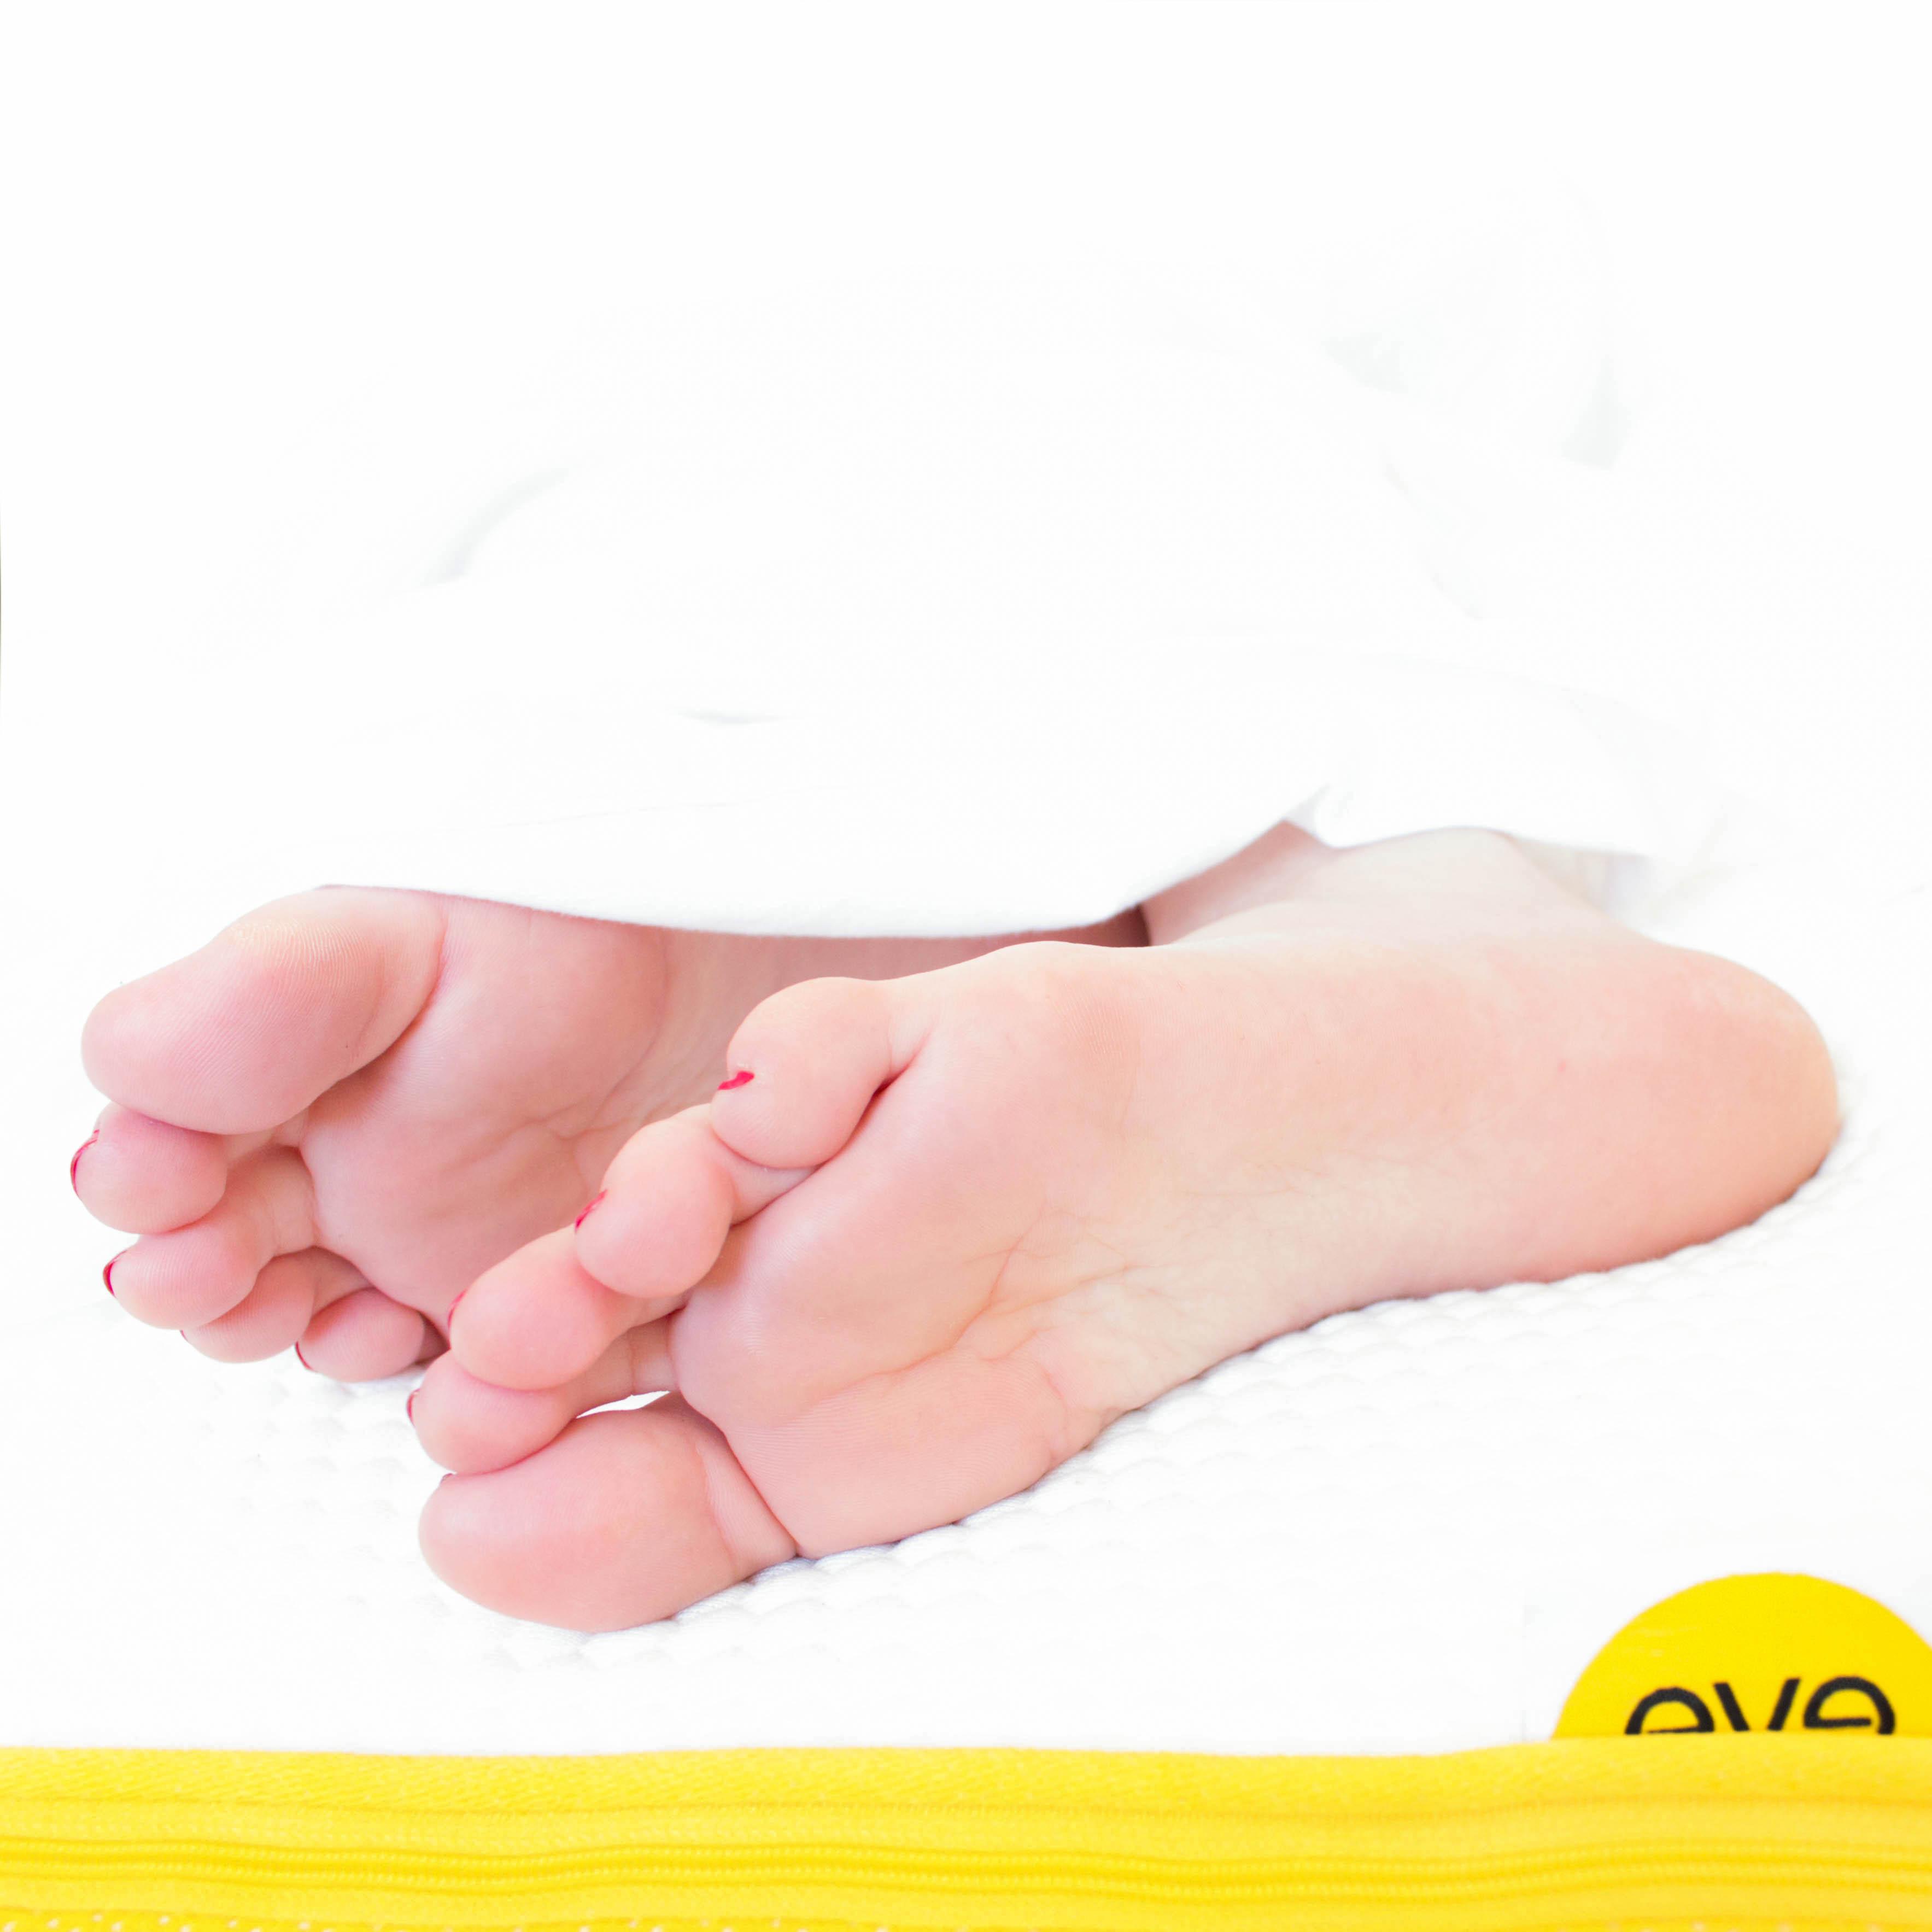 eve_04-2